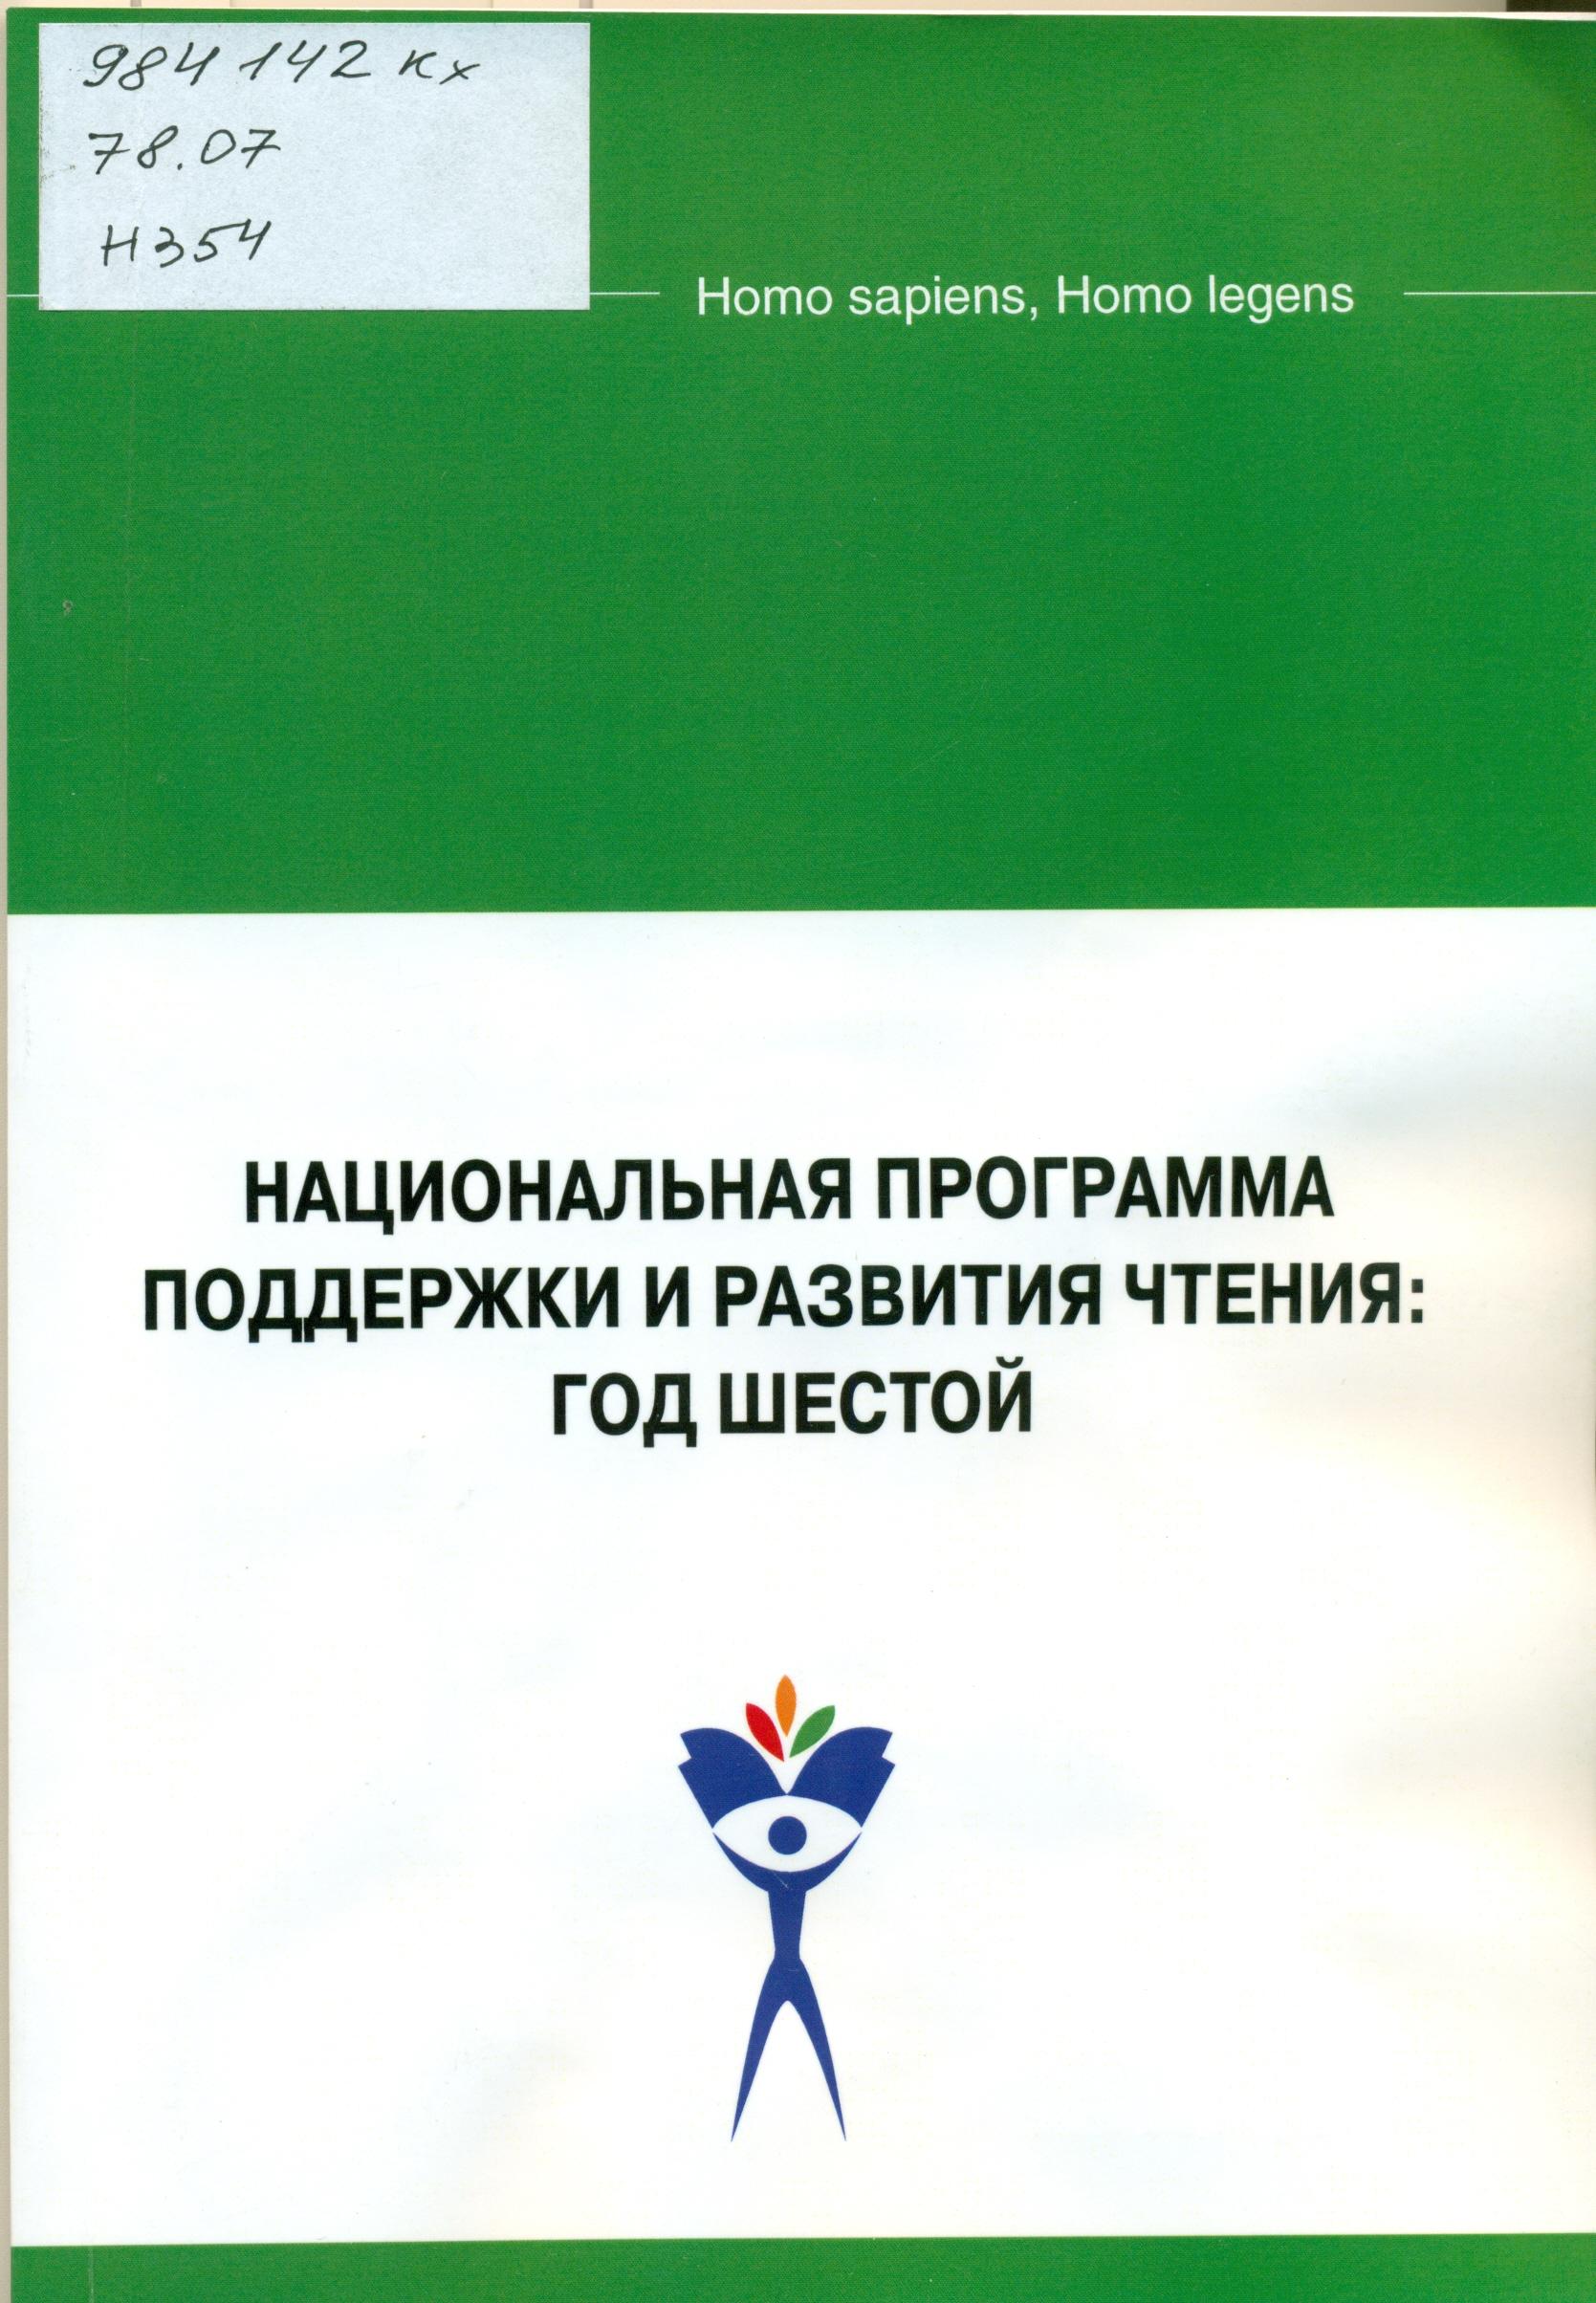 Наициональная программа поддержки и развития чтения